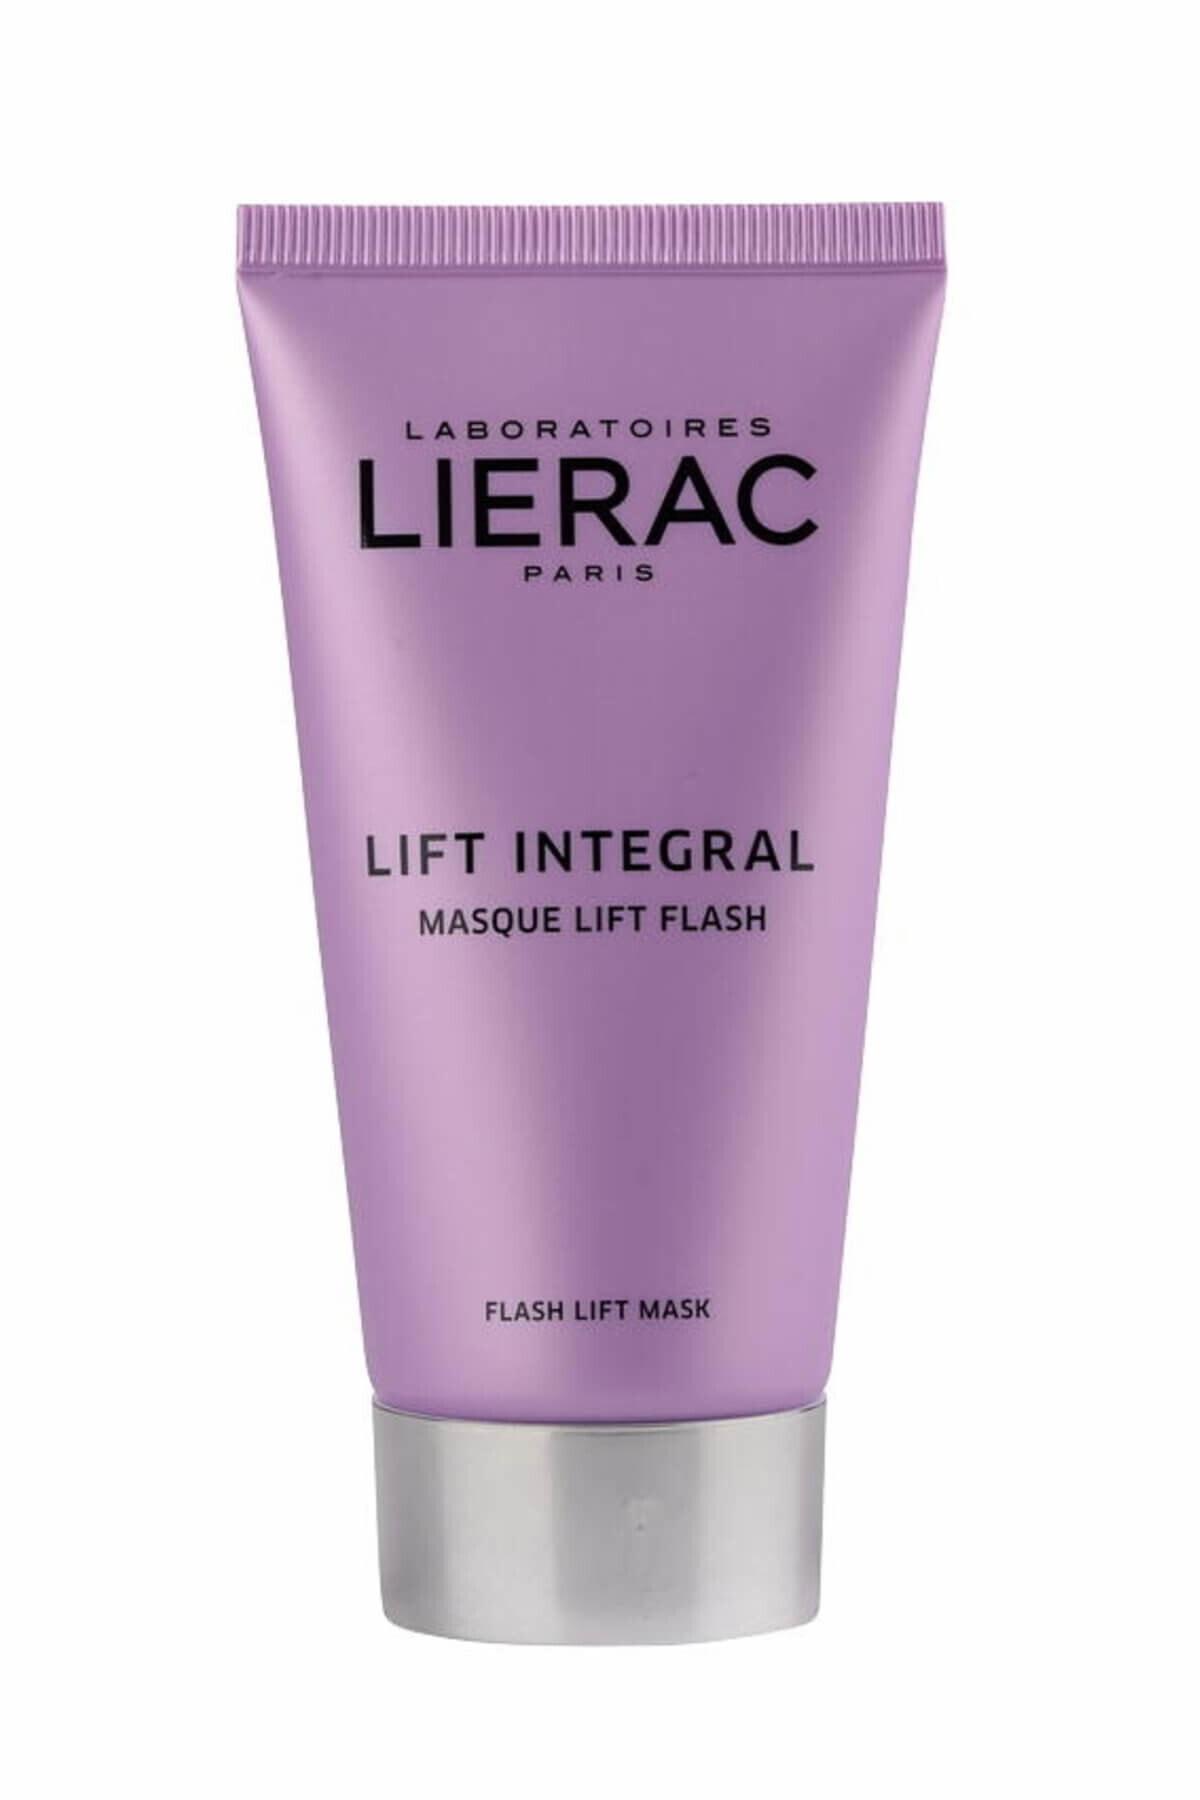 Lierac Sıkılaştırıcı Maske - Lift Integal Flash Lift Mask 75 ml 3508240002336 1